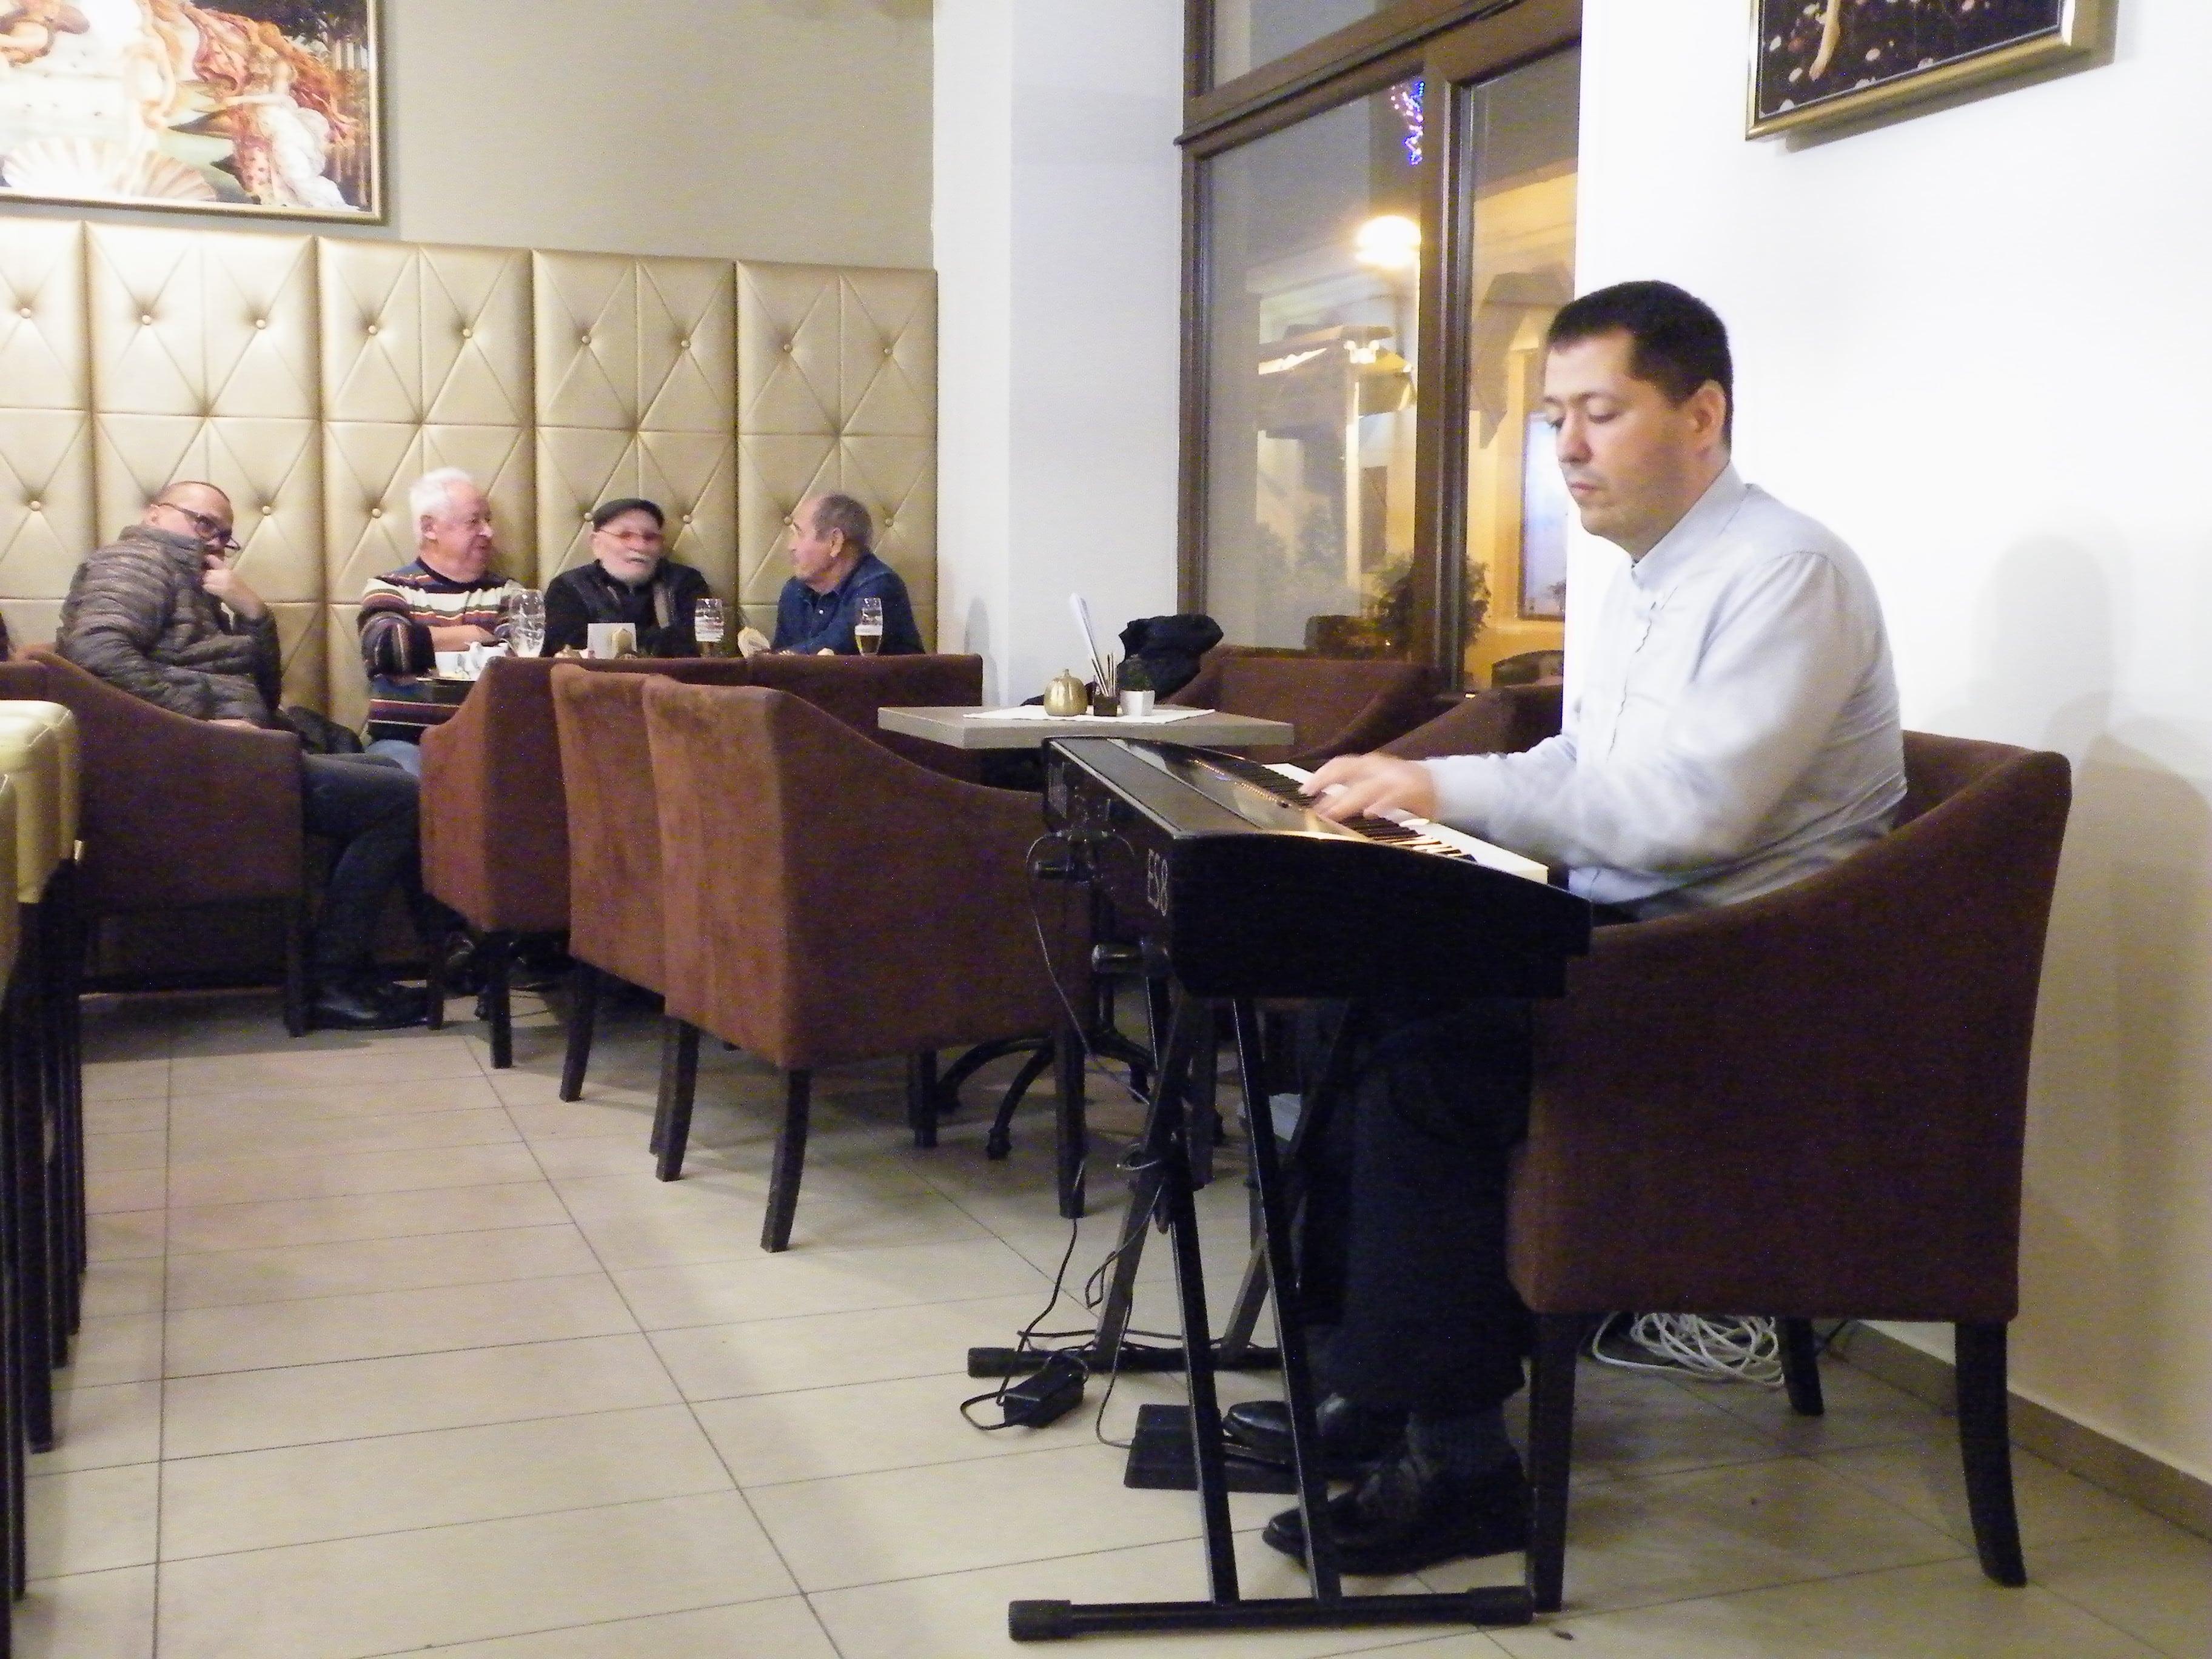 Klavírny večer v Bašta Café, Levice